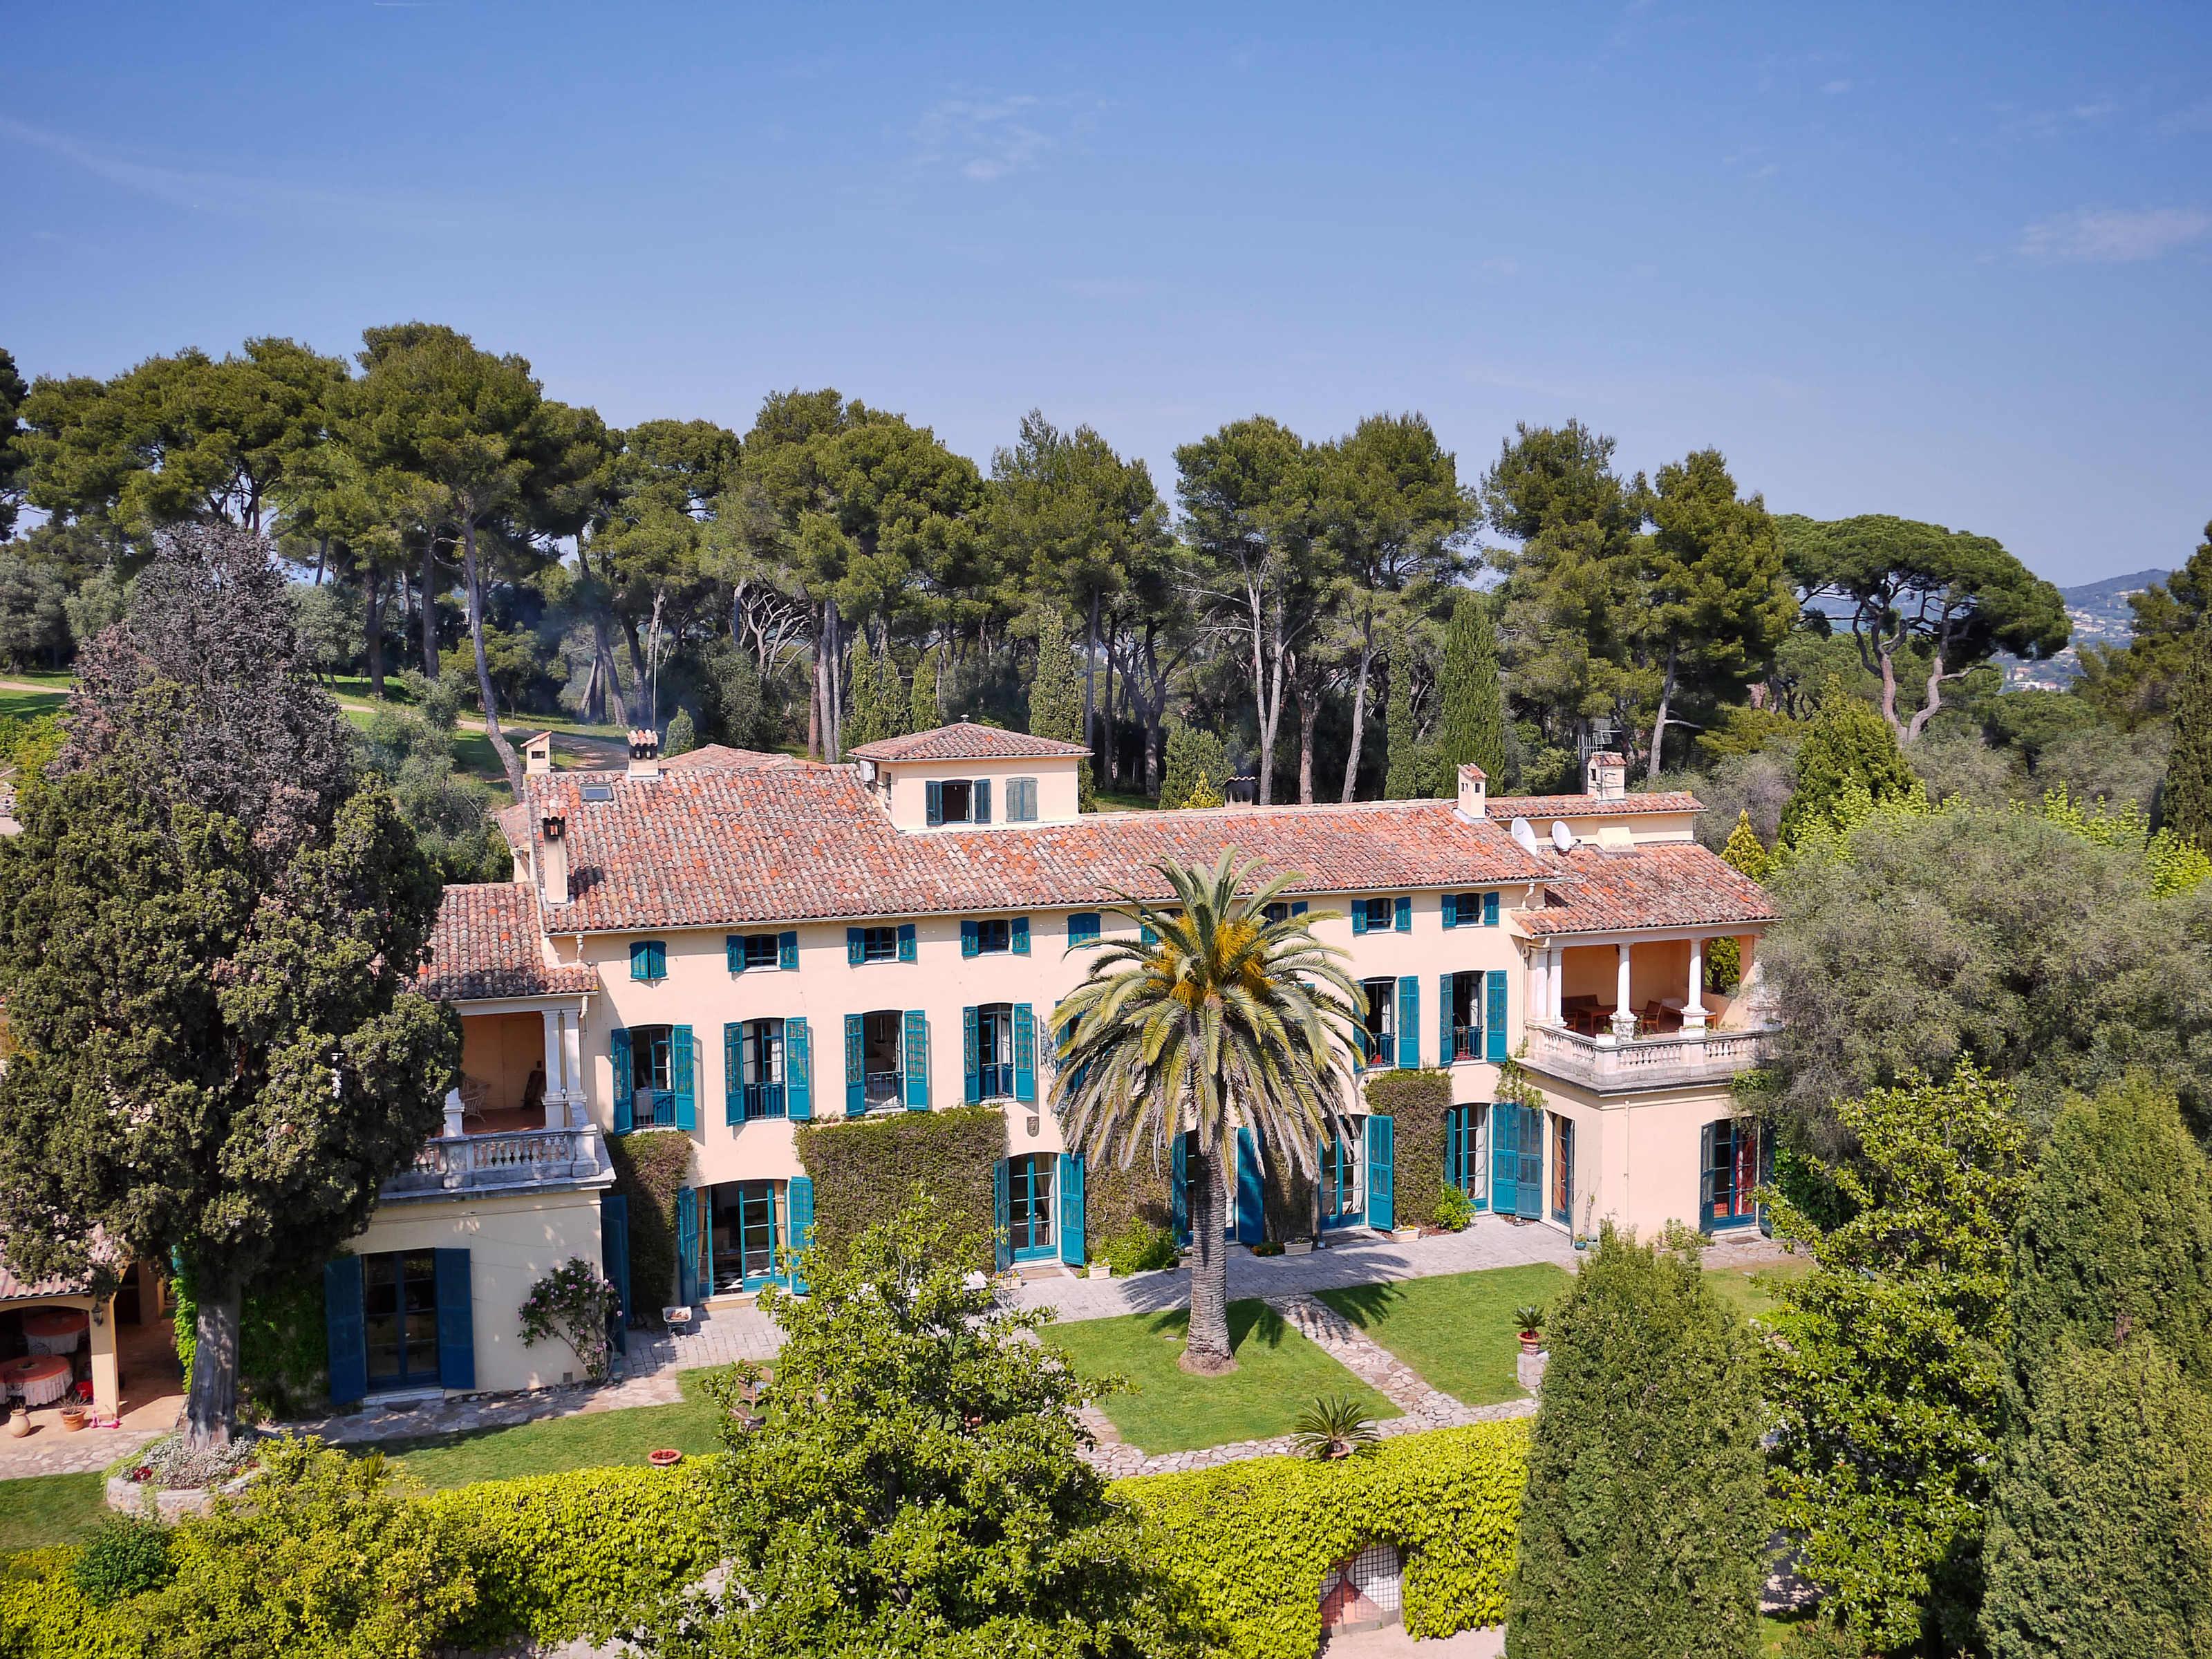 Các loại nhà khác vì Bán tại Superbe château avec vues mer, à 5 minutes de Cannes Mougins, Provence-Alpes-Cote D'Azur 06250 Pháp